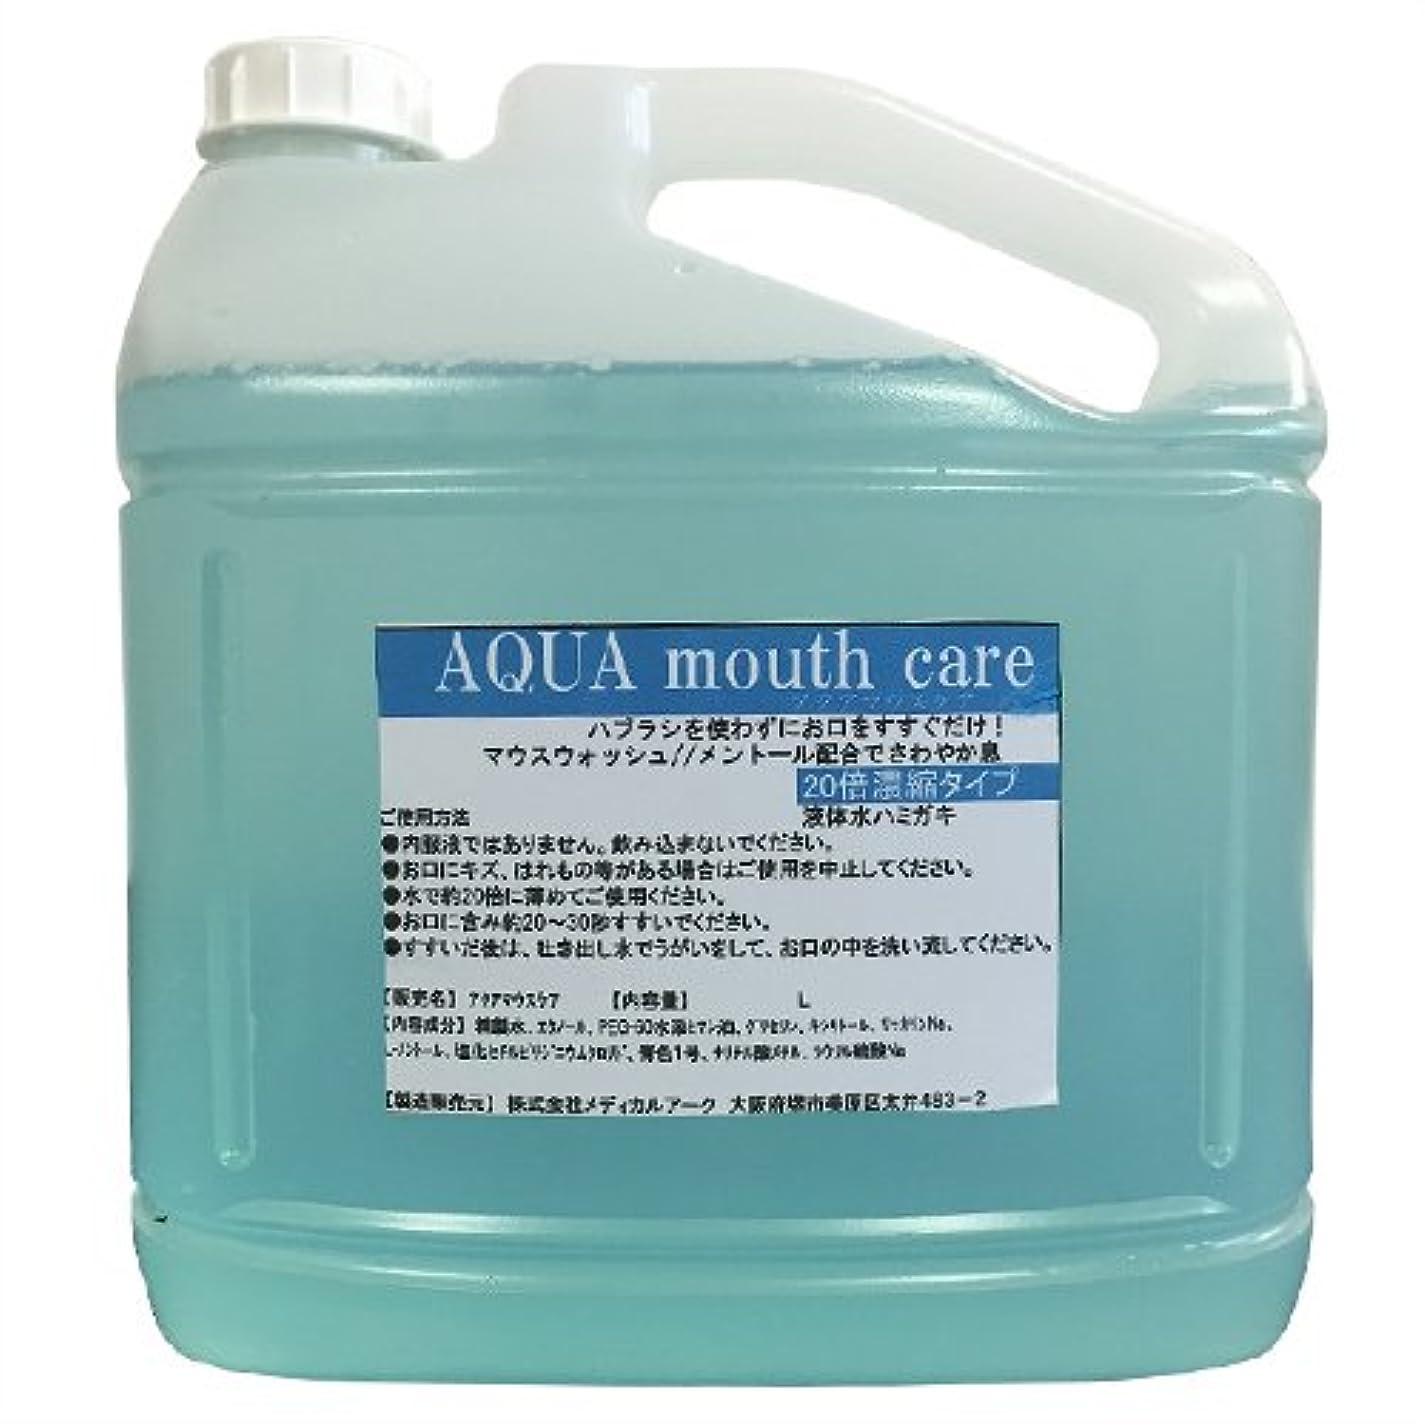 異形スリップシューズ美人業務用洗口液 マウスウォッシュ アクアマウスケア (AQUA mouth care) 20倍濃縮タイプ 5L (詰め替えコック付き)